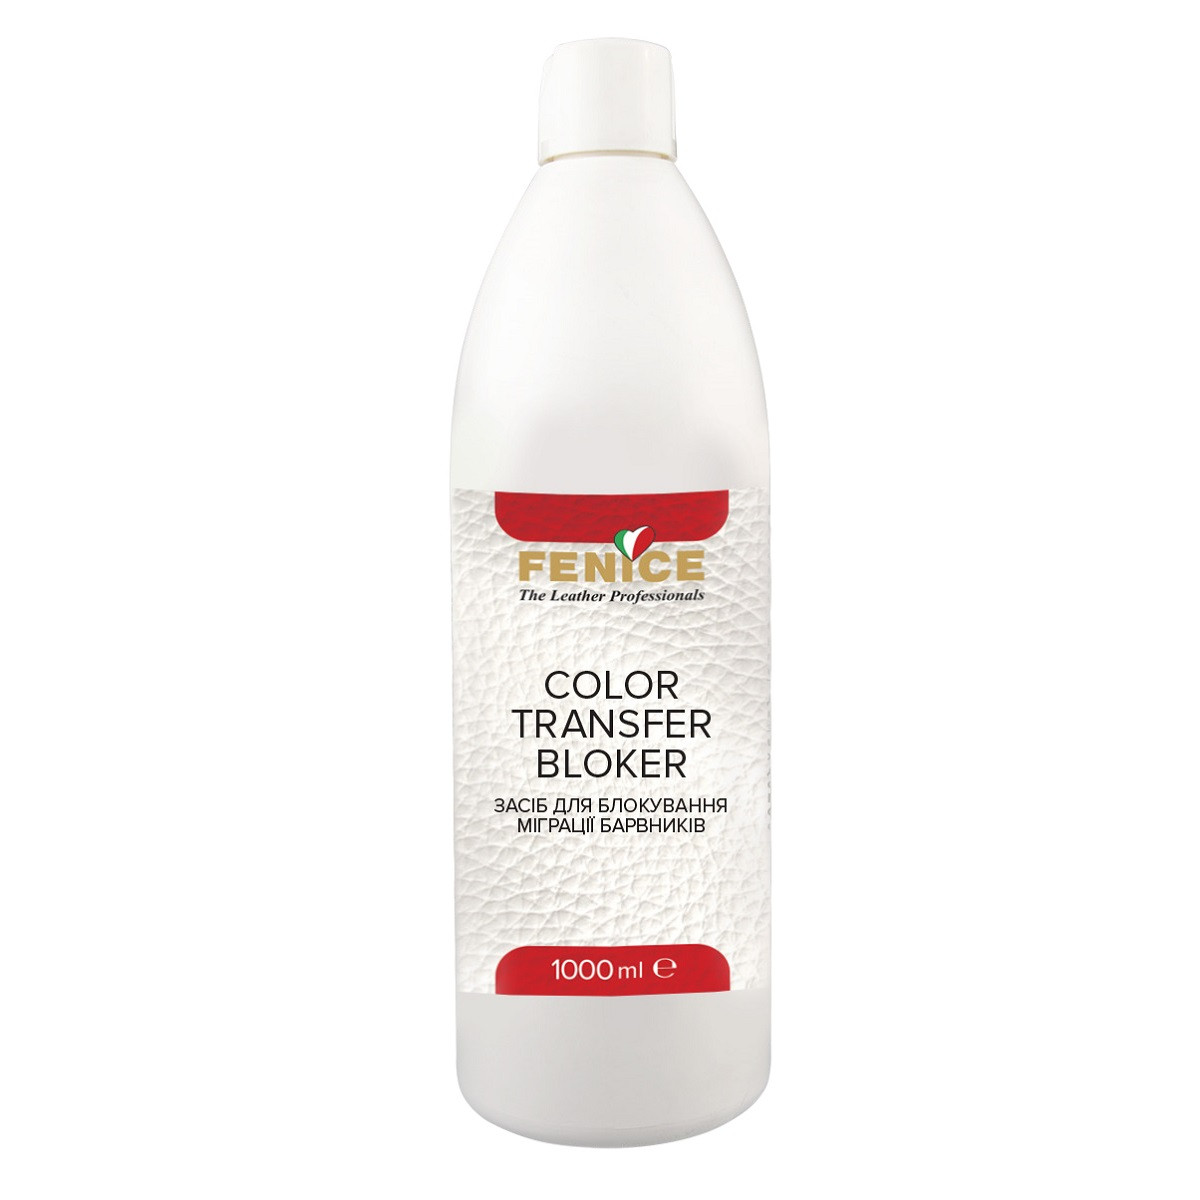 Защитный раствор Fenice Color Transfer Bloker 1 L